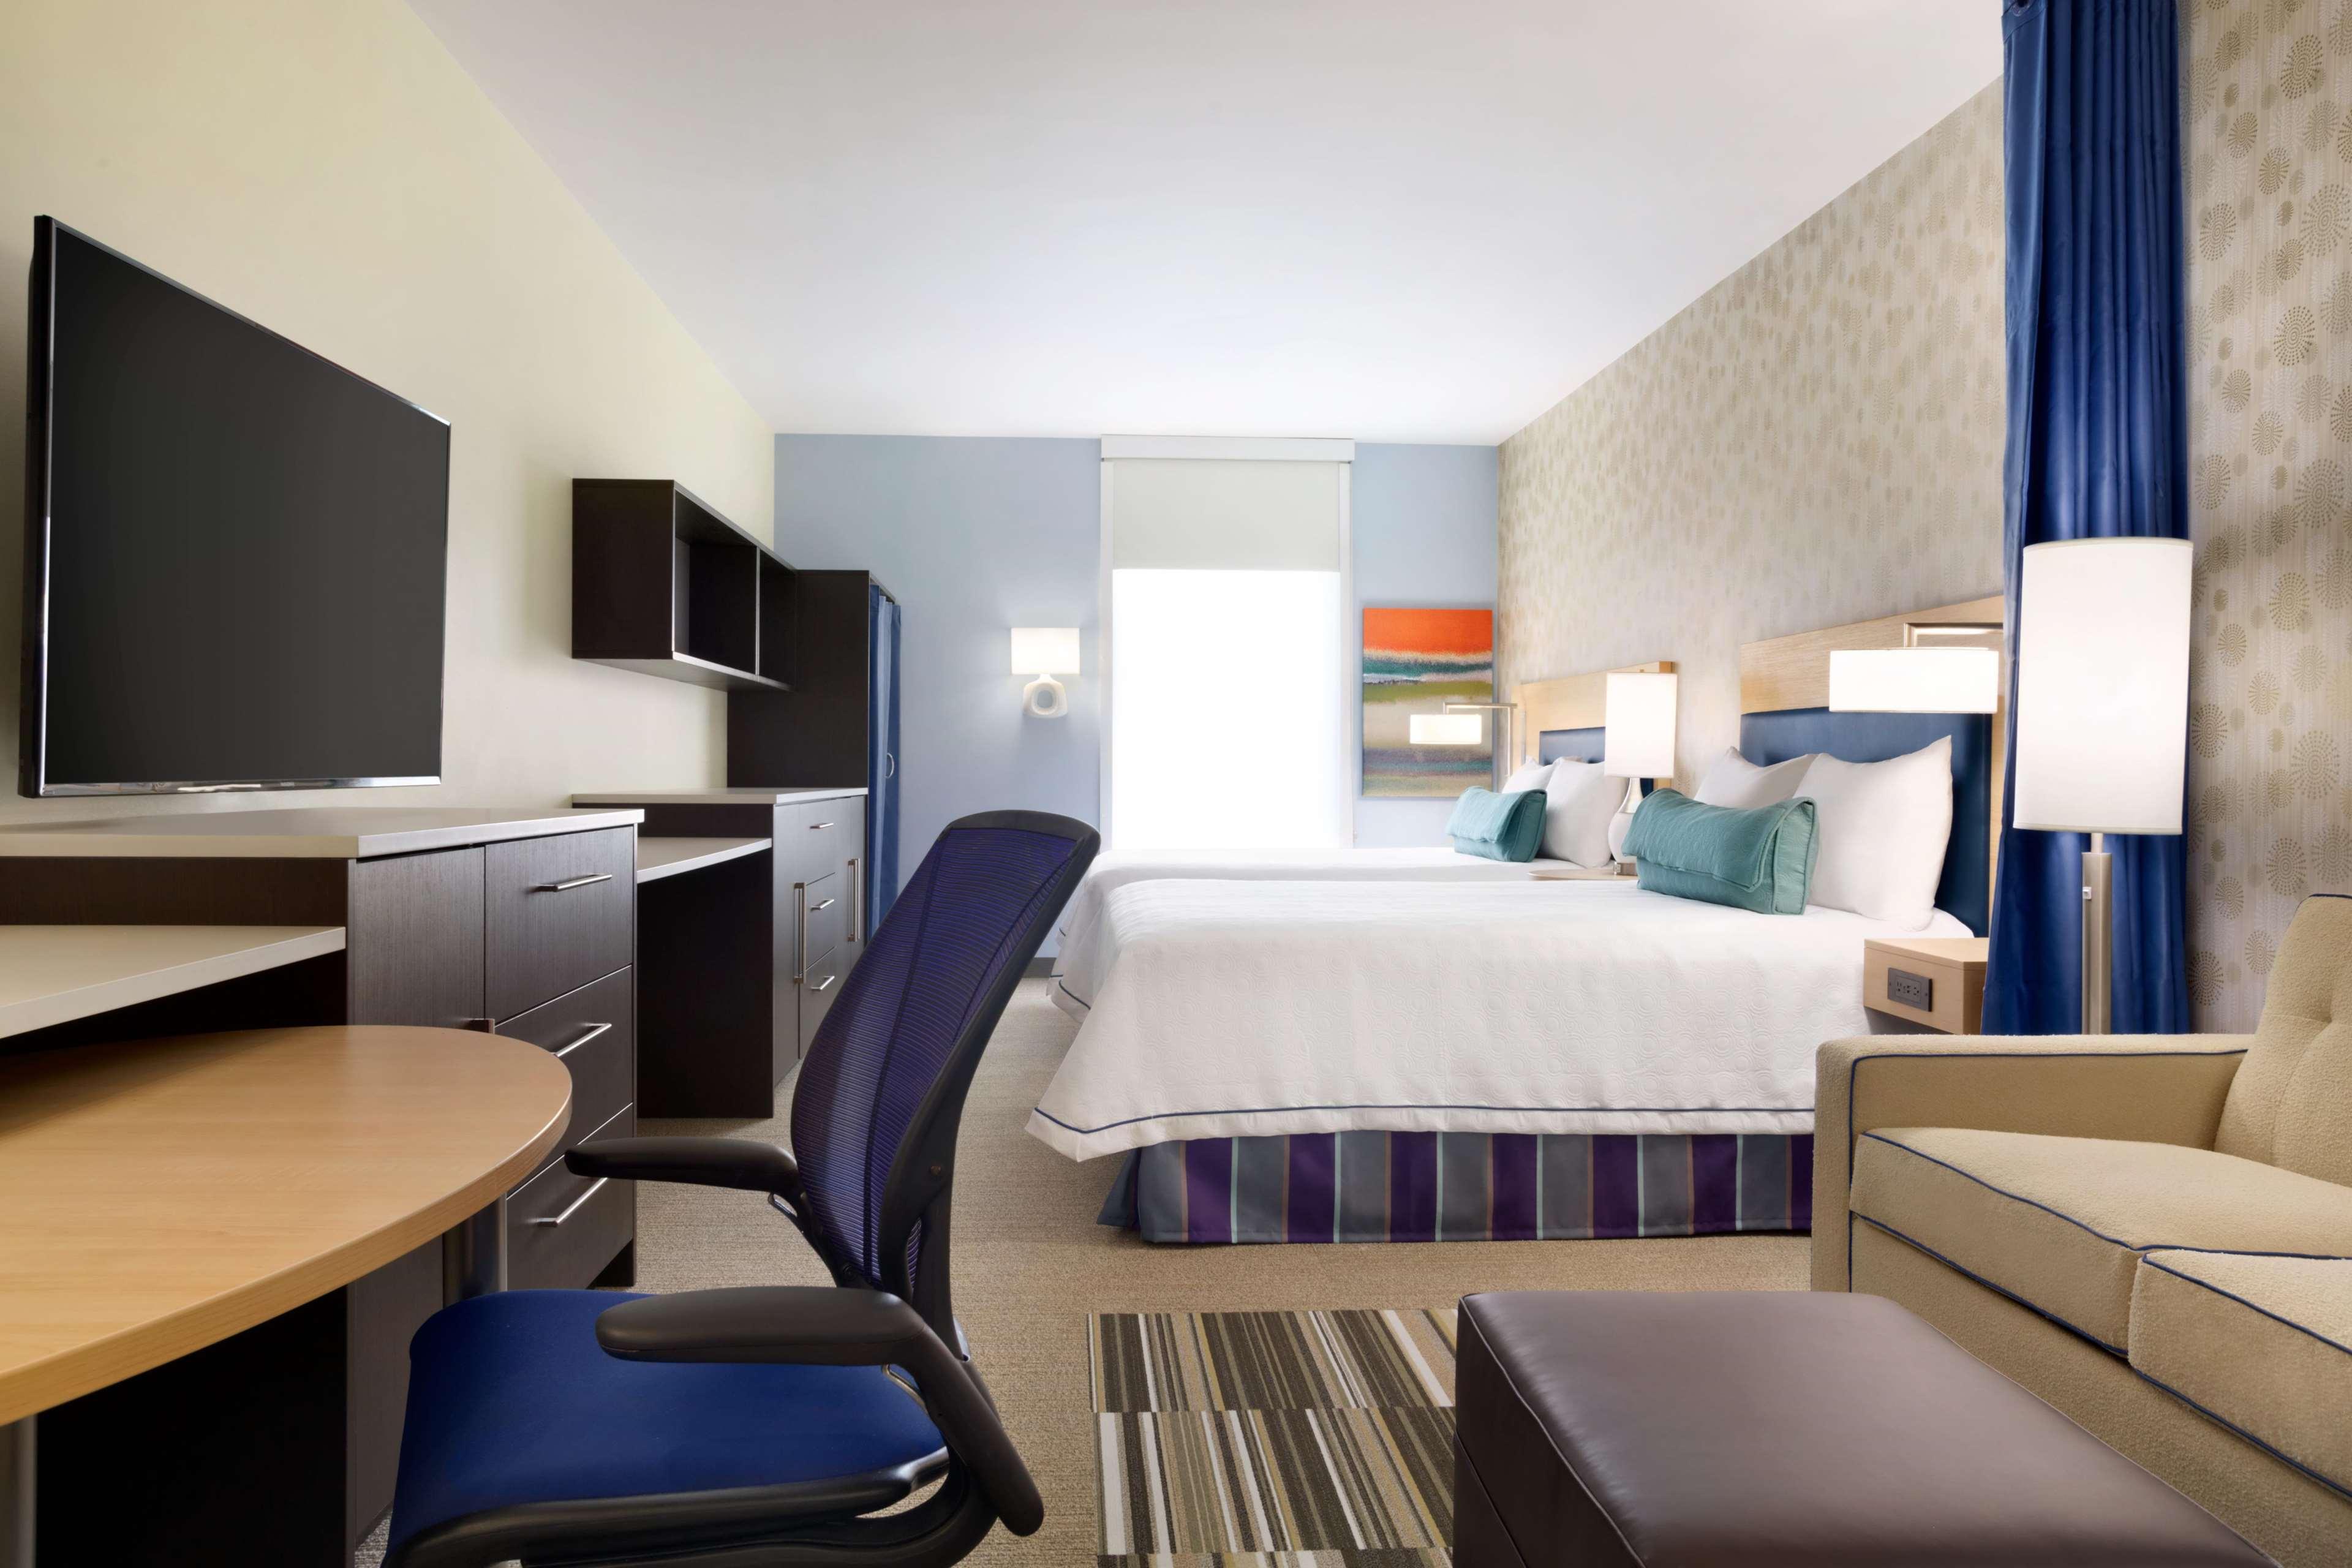 Home2 Suites by Hilton McAllen image 19